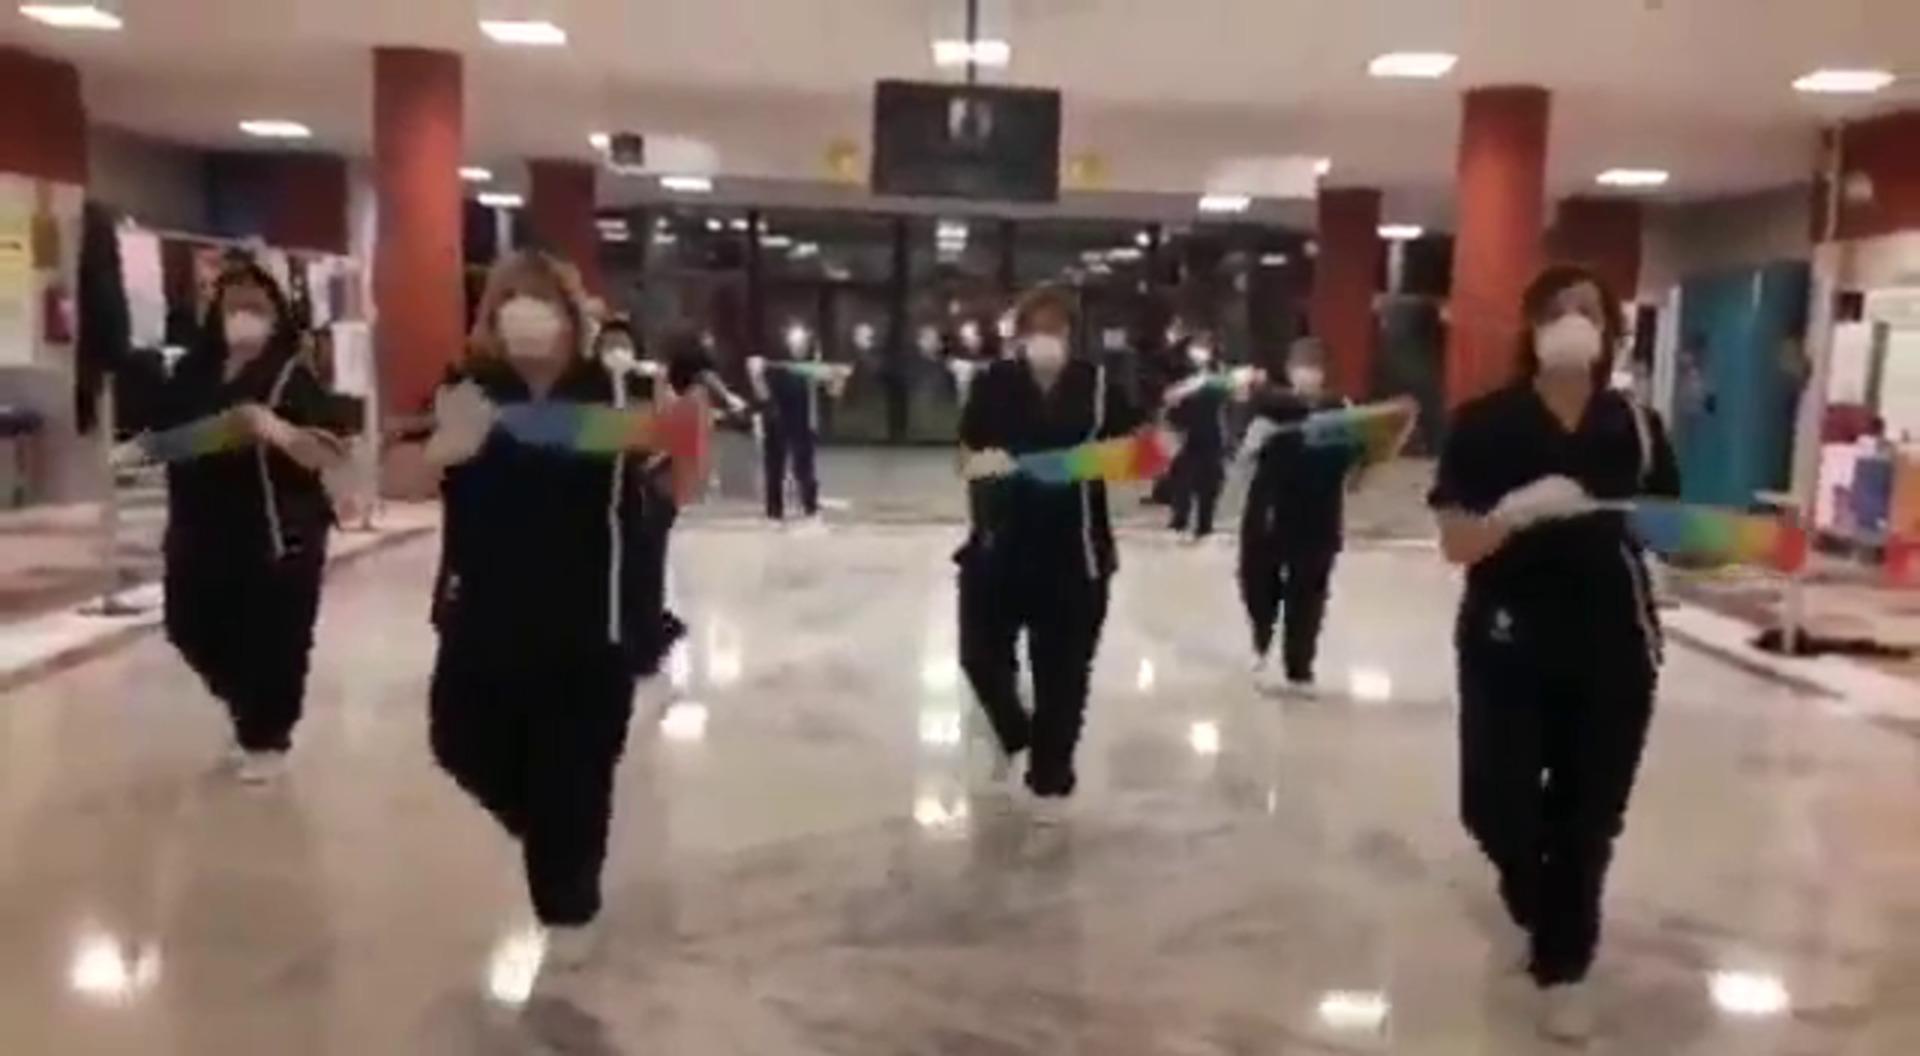 El personal de limpieza de Facultad de Filosofía y Letras de la UVA mandar ánimo, fuerza y resistencia con este vídeo